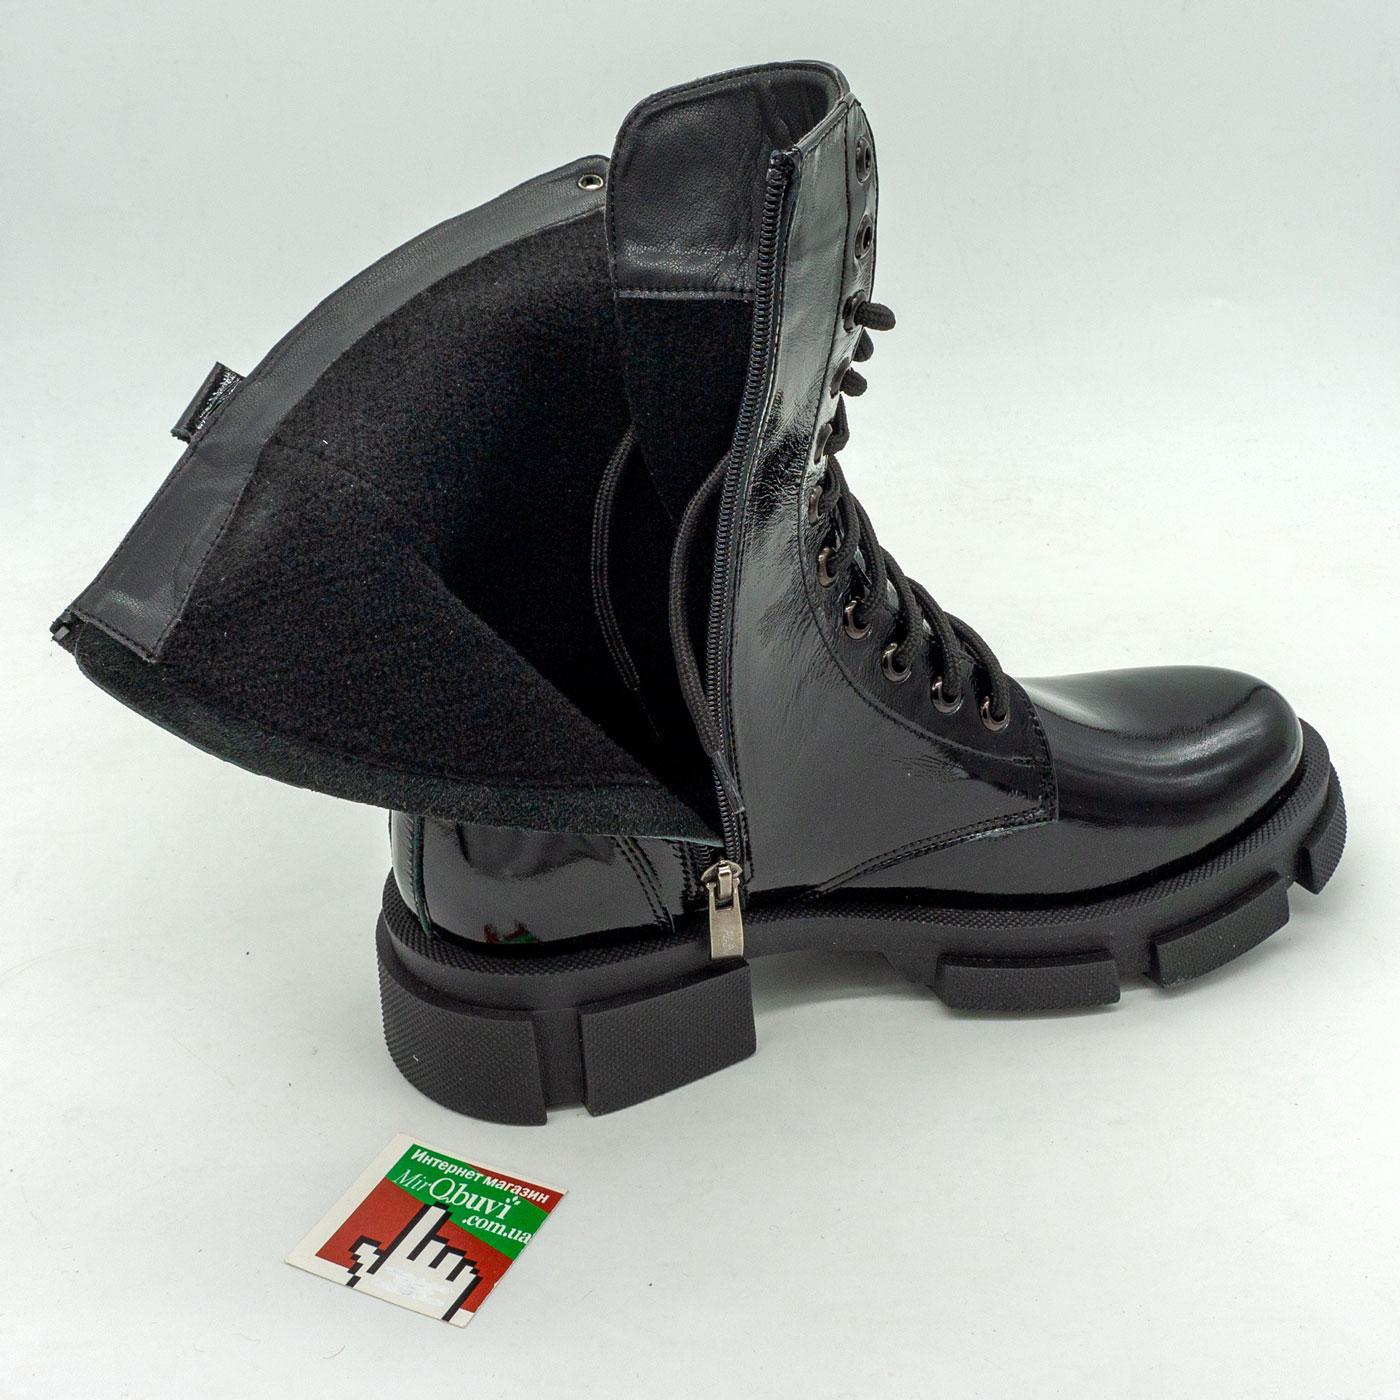 фото front Зимние черные лаковые женские ботинки в Dr. Martens на платформе - 0022 front